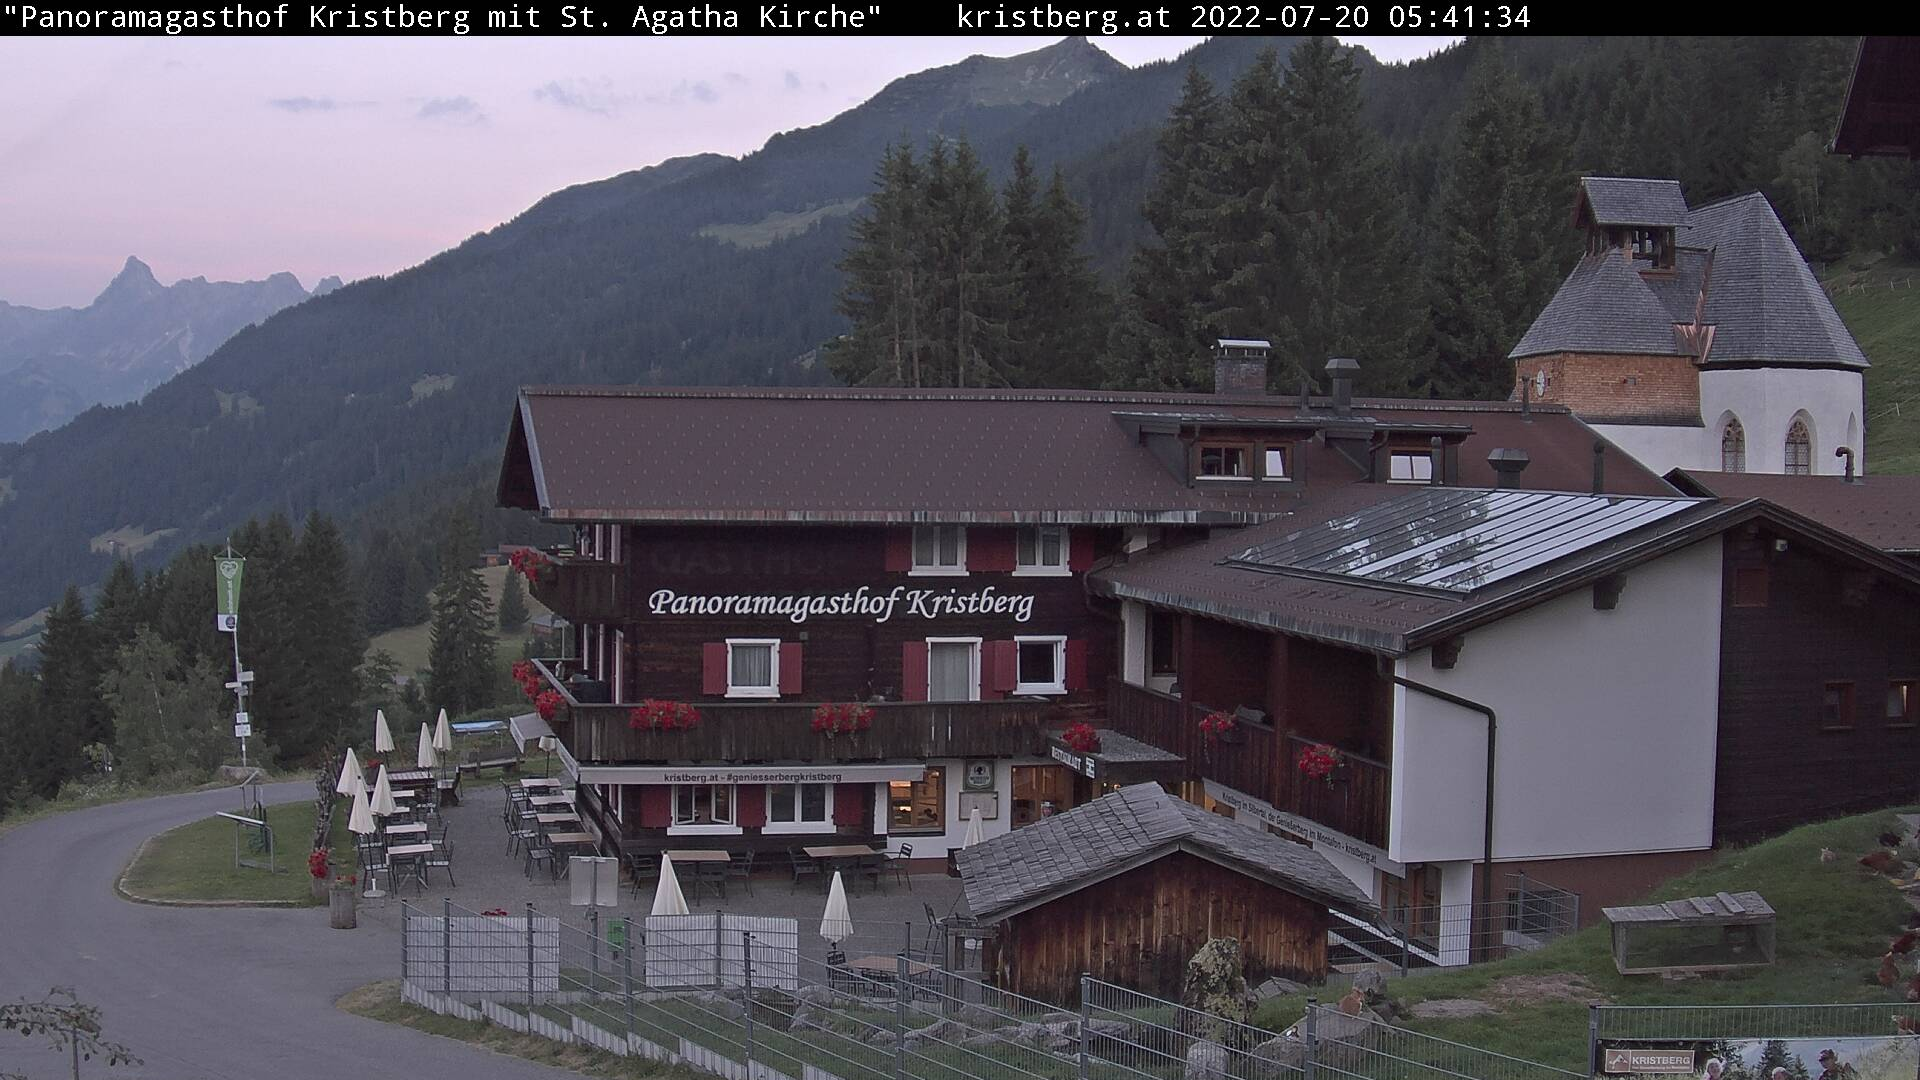 Die Webcam mit diesem Livebild zeigt den Panoramagasthof Kristberg, die St. Agatha Bergknappenkapelle, den Blick auf die Rätikongebirgsgruppe mit der Zimba, sowie die Ganzaläta, Falle und die obere Wiese mit Alpilaköpfle.